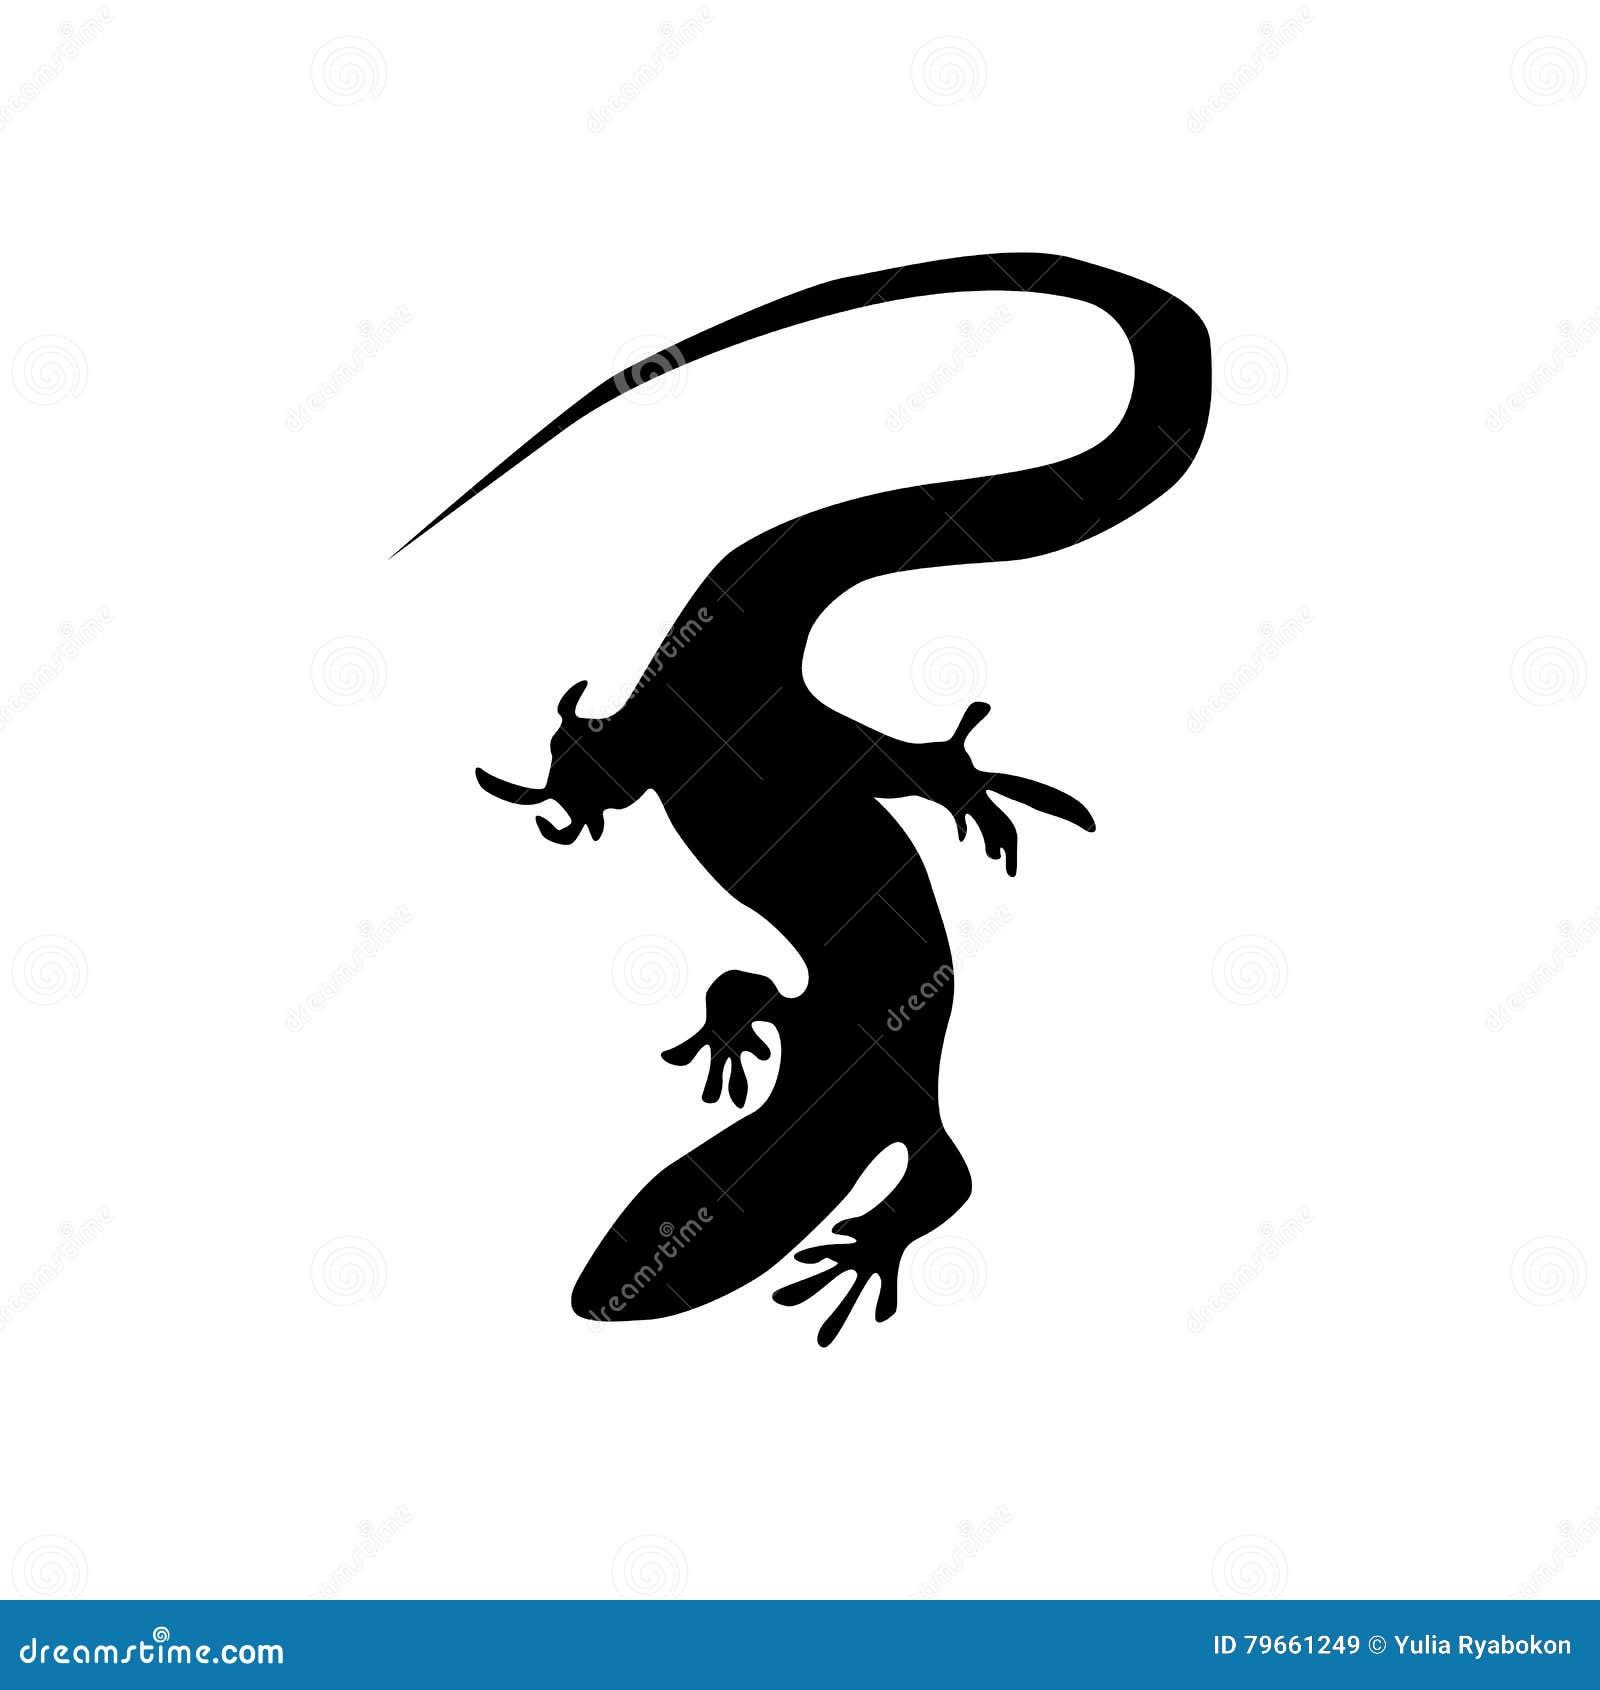 Chameleon Outline Tattoo: Lizard Black Silhouette Vector Illustration